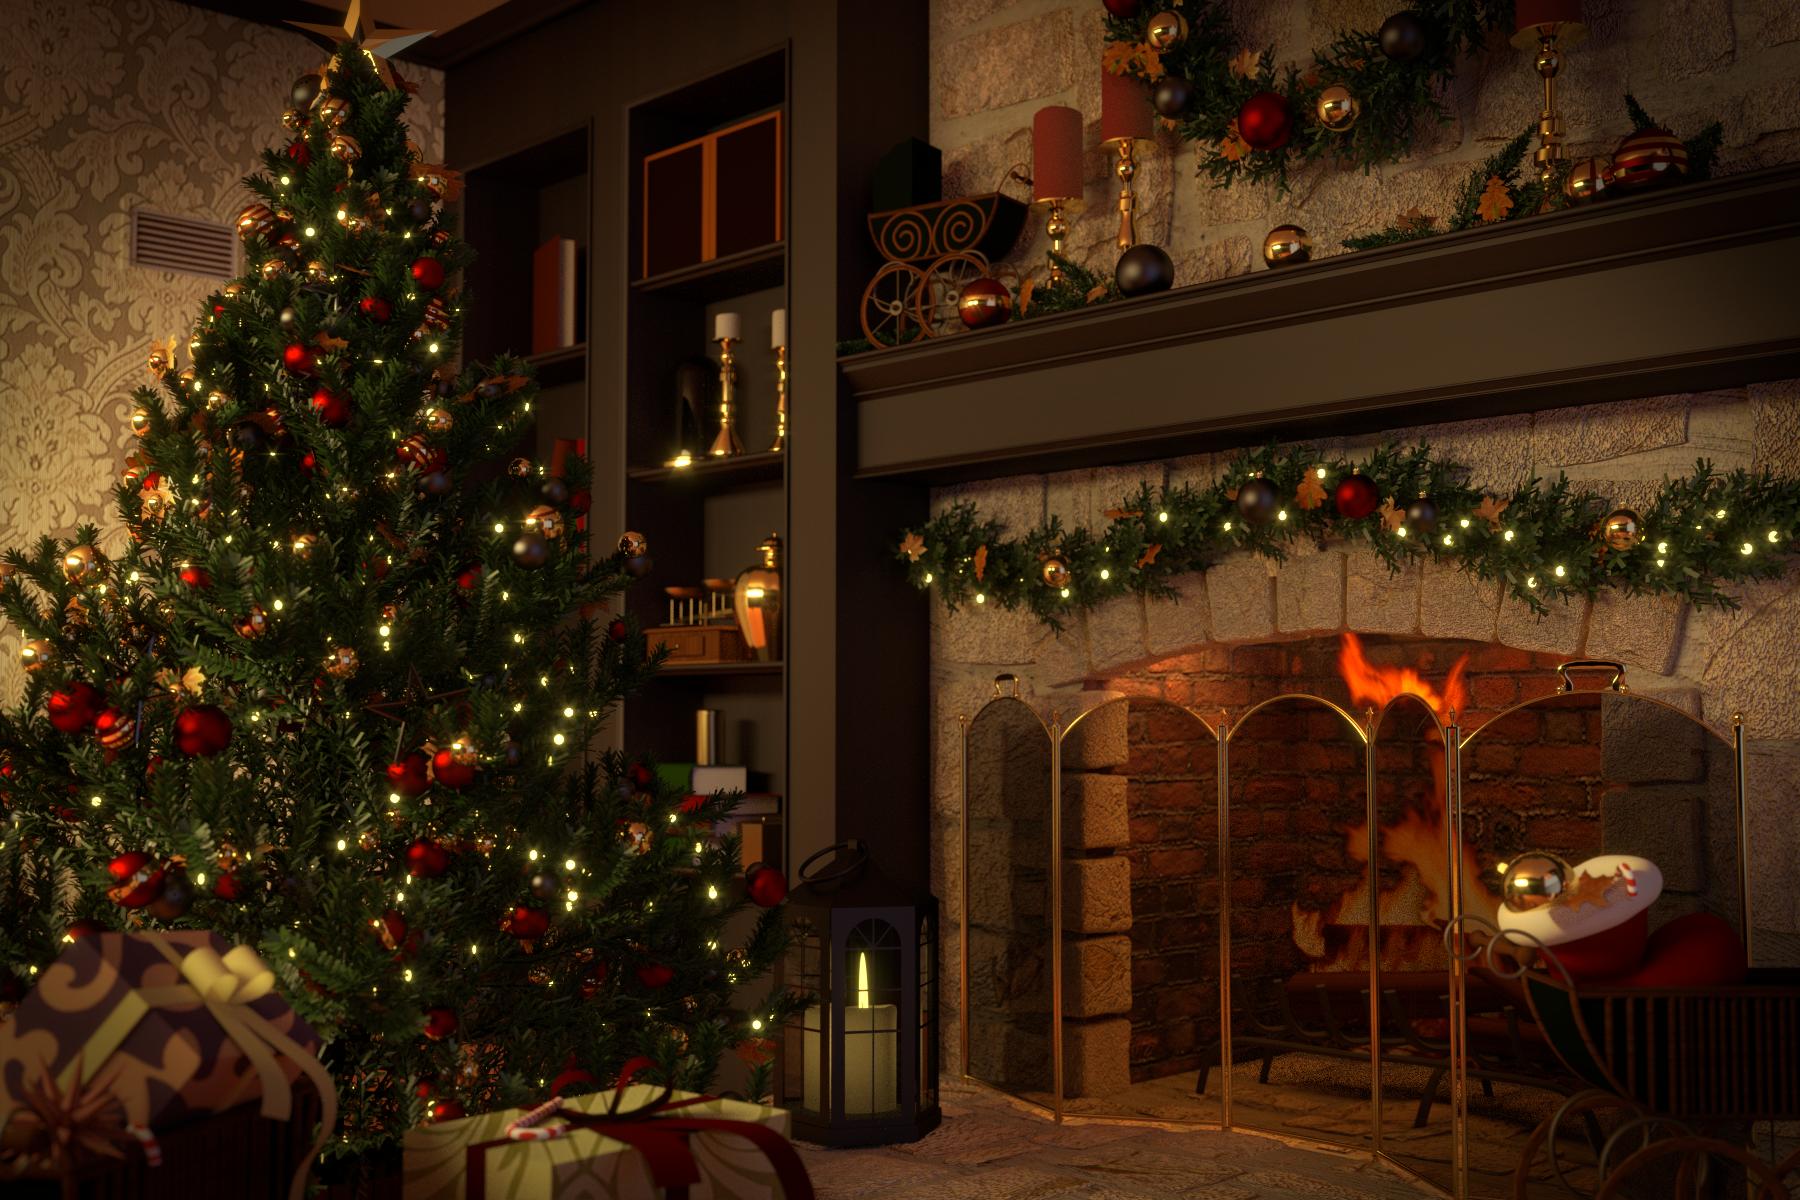 Christmas Scene By Falksen On DeviantArt